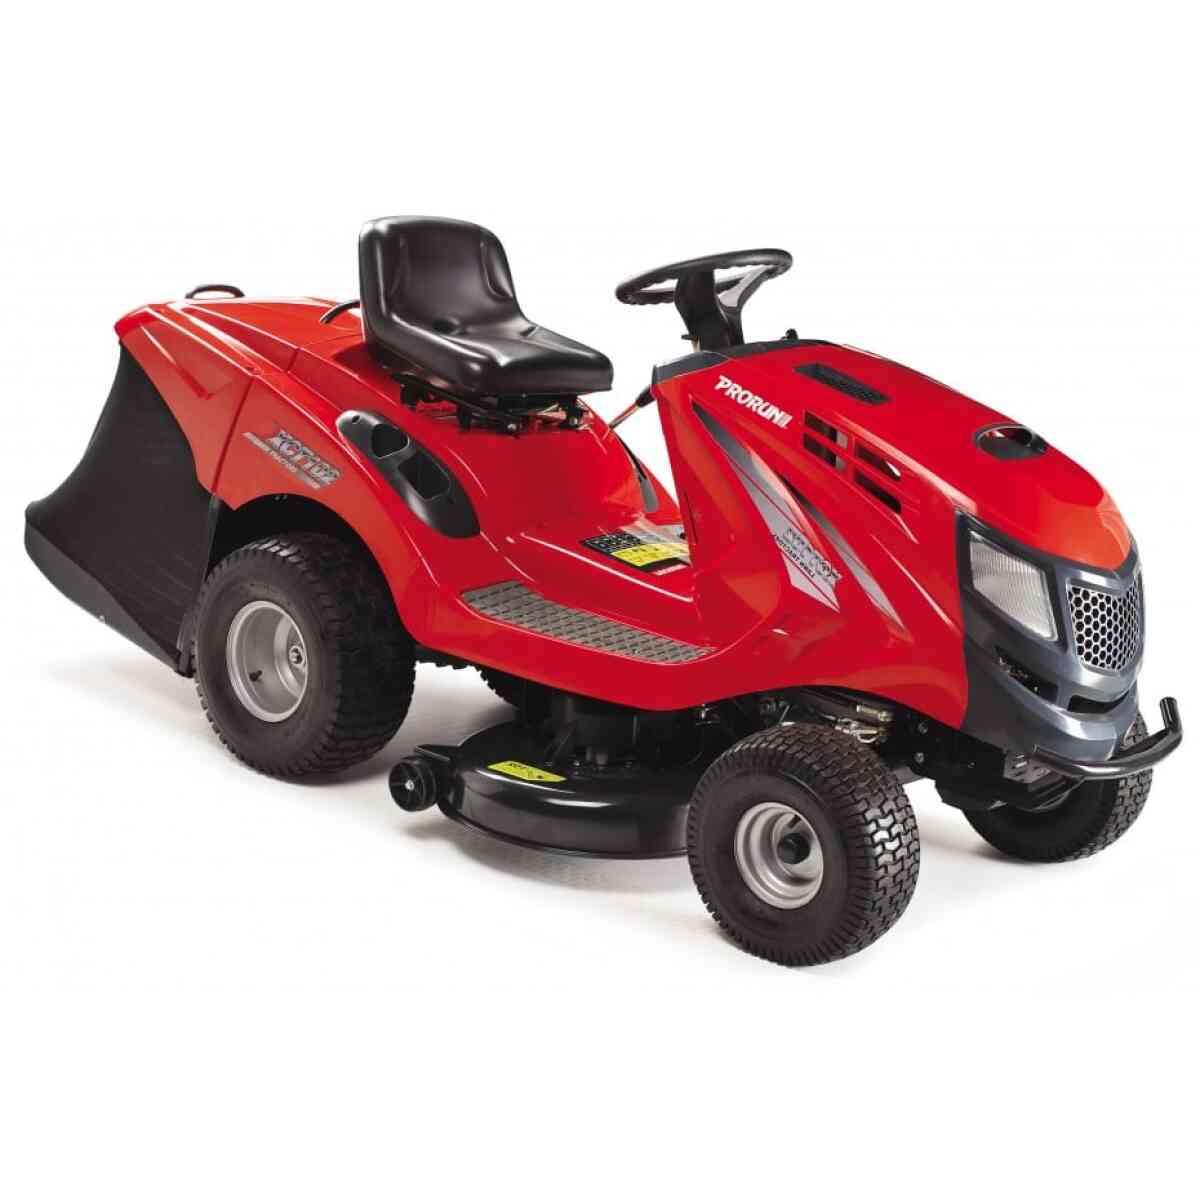 tractoras tuns gazon prorun xct102 16cp loncin padure gardina.ro 84